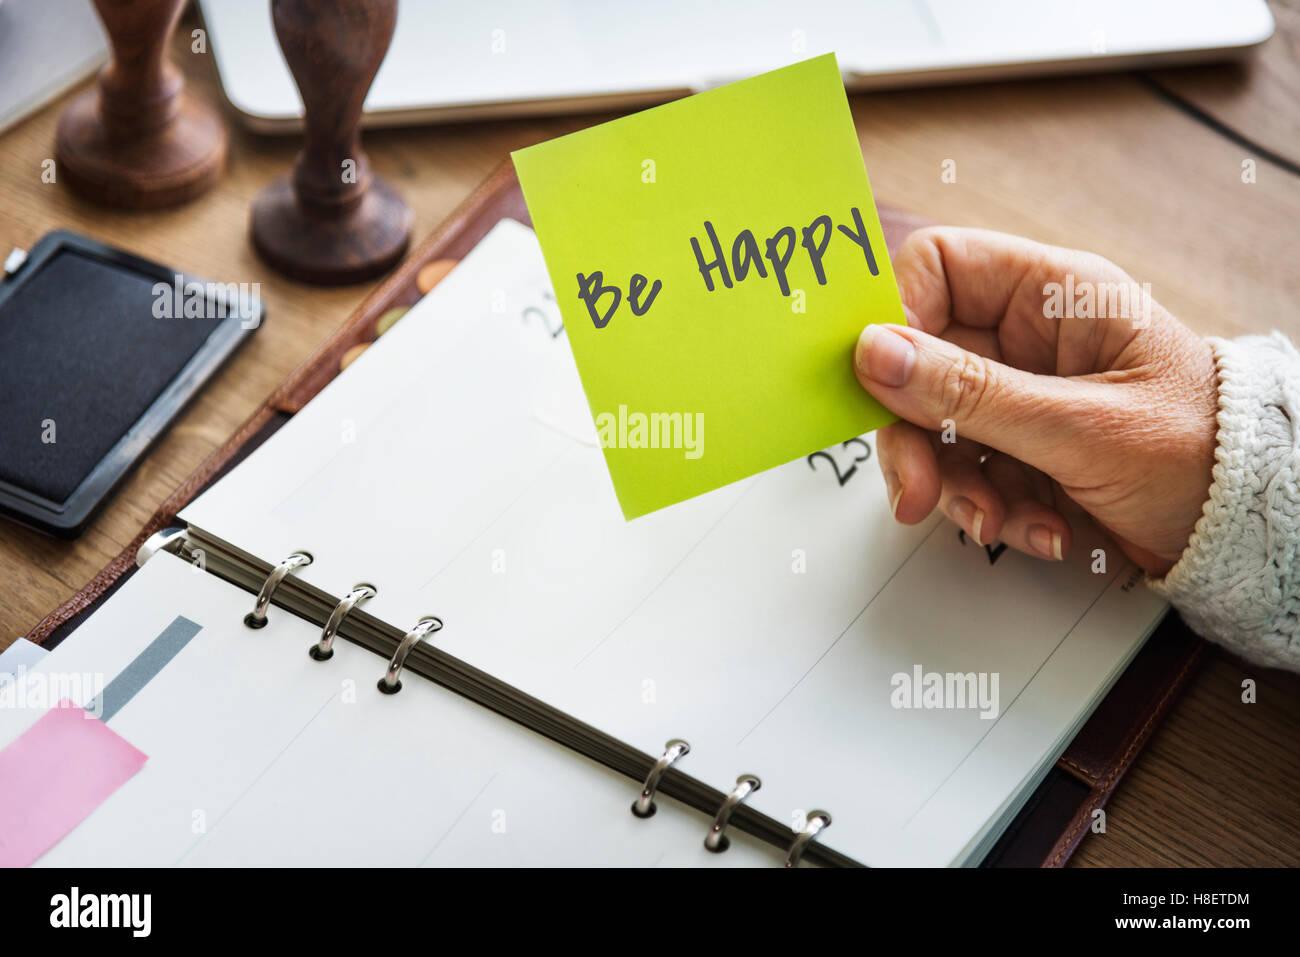 Ser feliz alegre Disfrute juguetón felicidad Concepto de estilo de vida Imagen De Stock